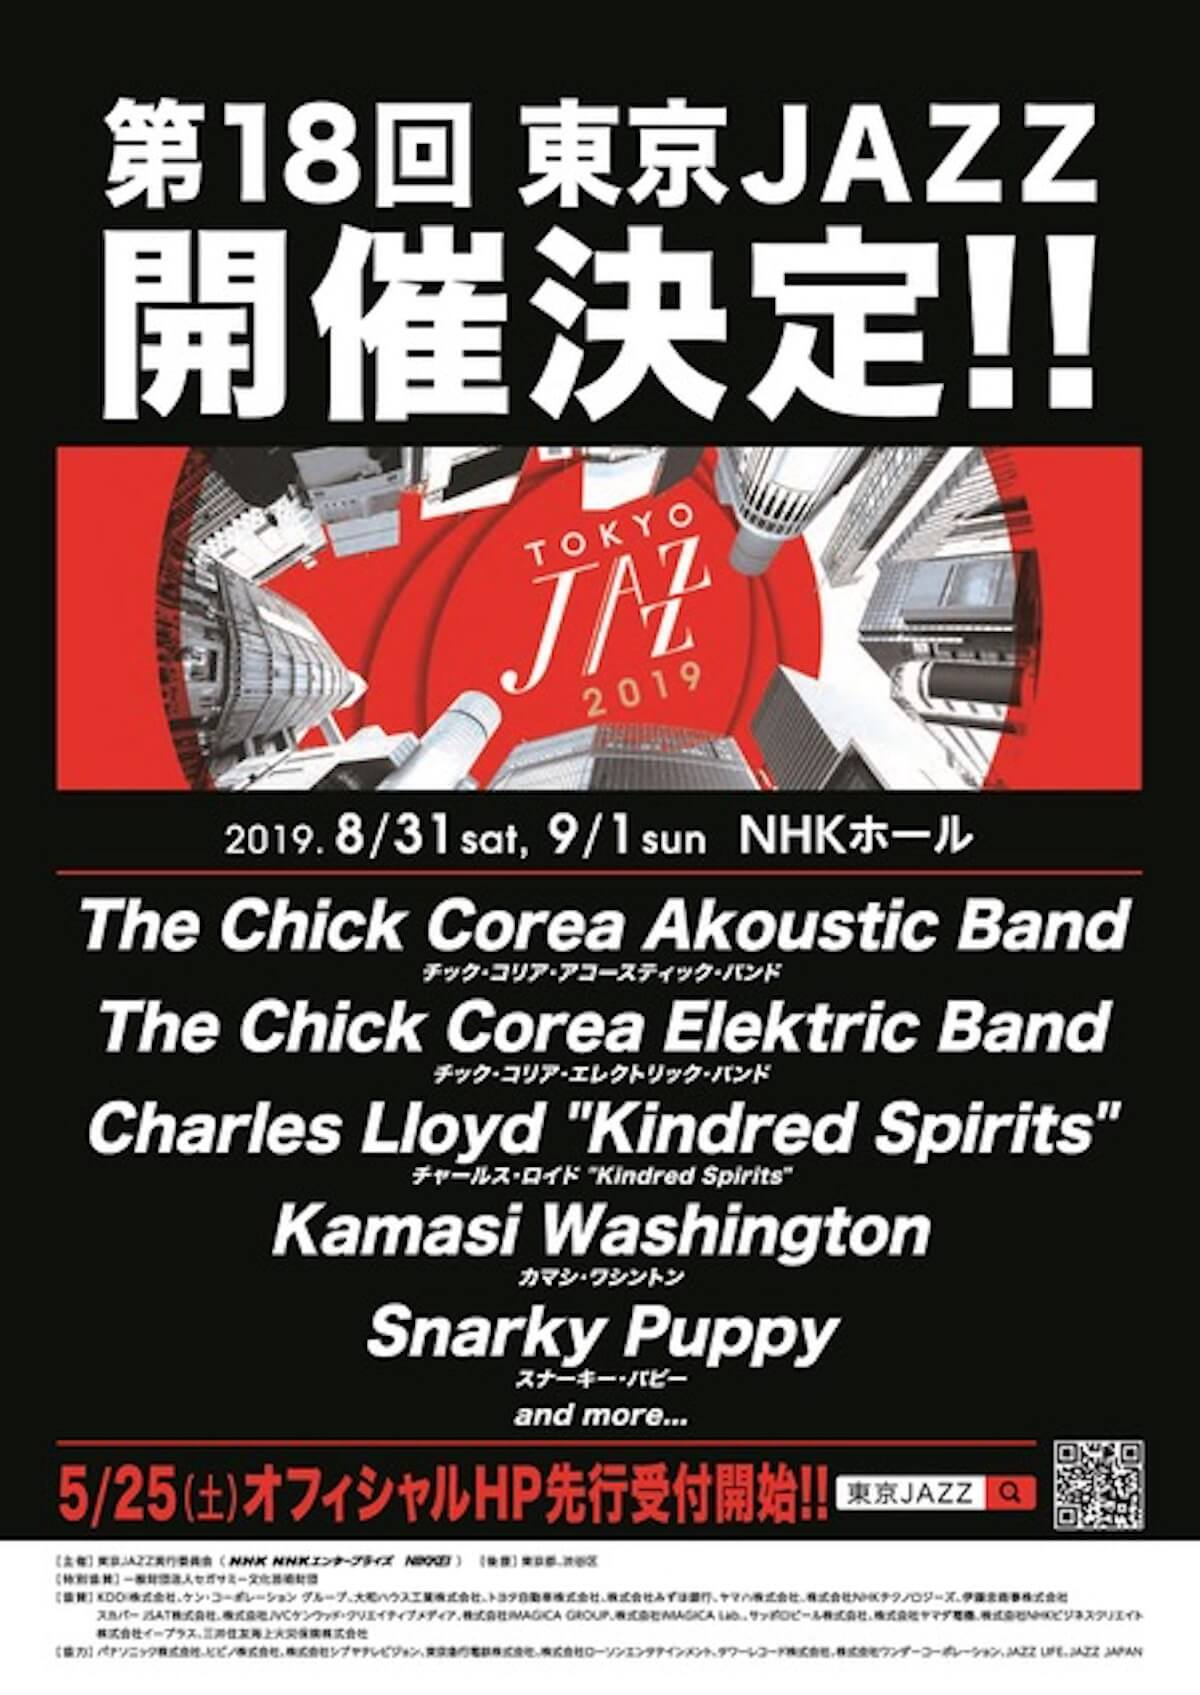 カマシ・ワシントン、いよいよ今週末東京JAZZに登場!|LIQUIDROOM公演ではジャズライターの柳樂光隆がDJ music190419_kamasiwashinton_1